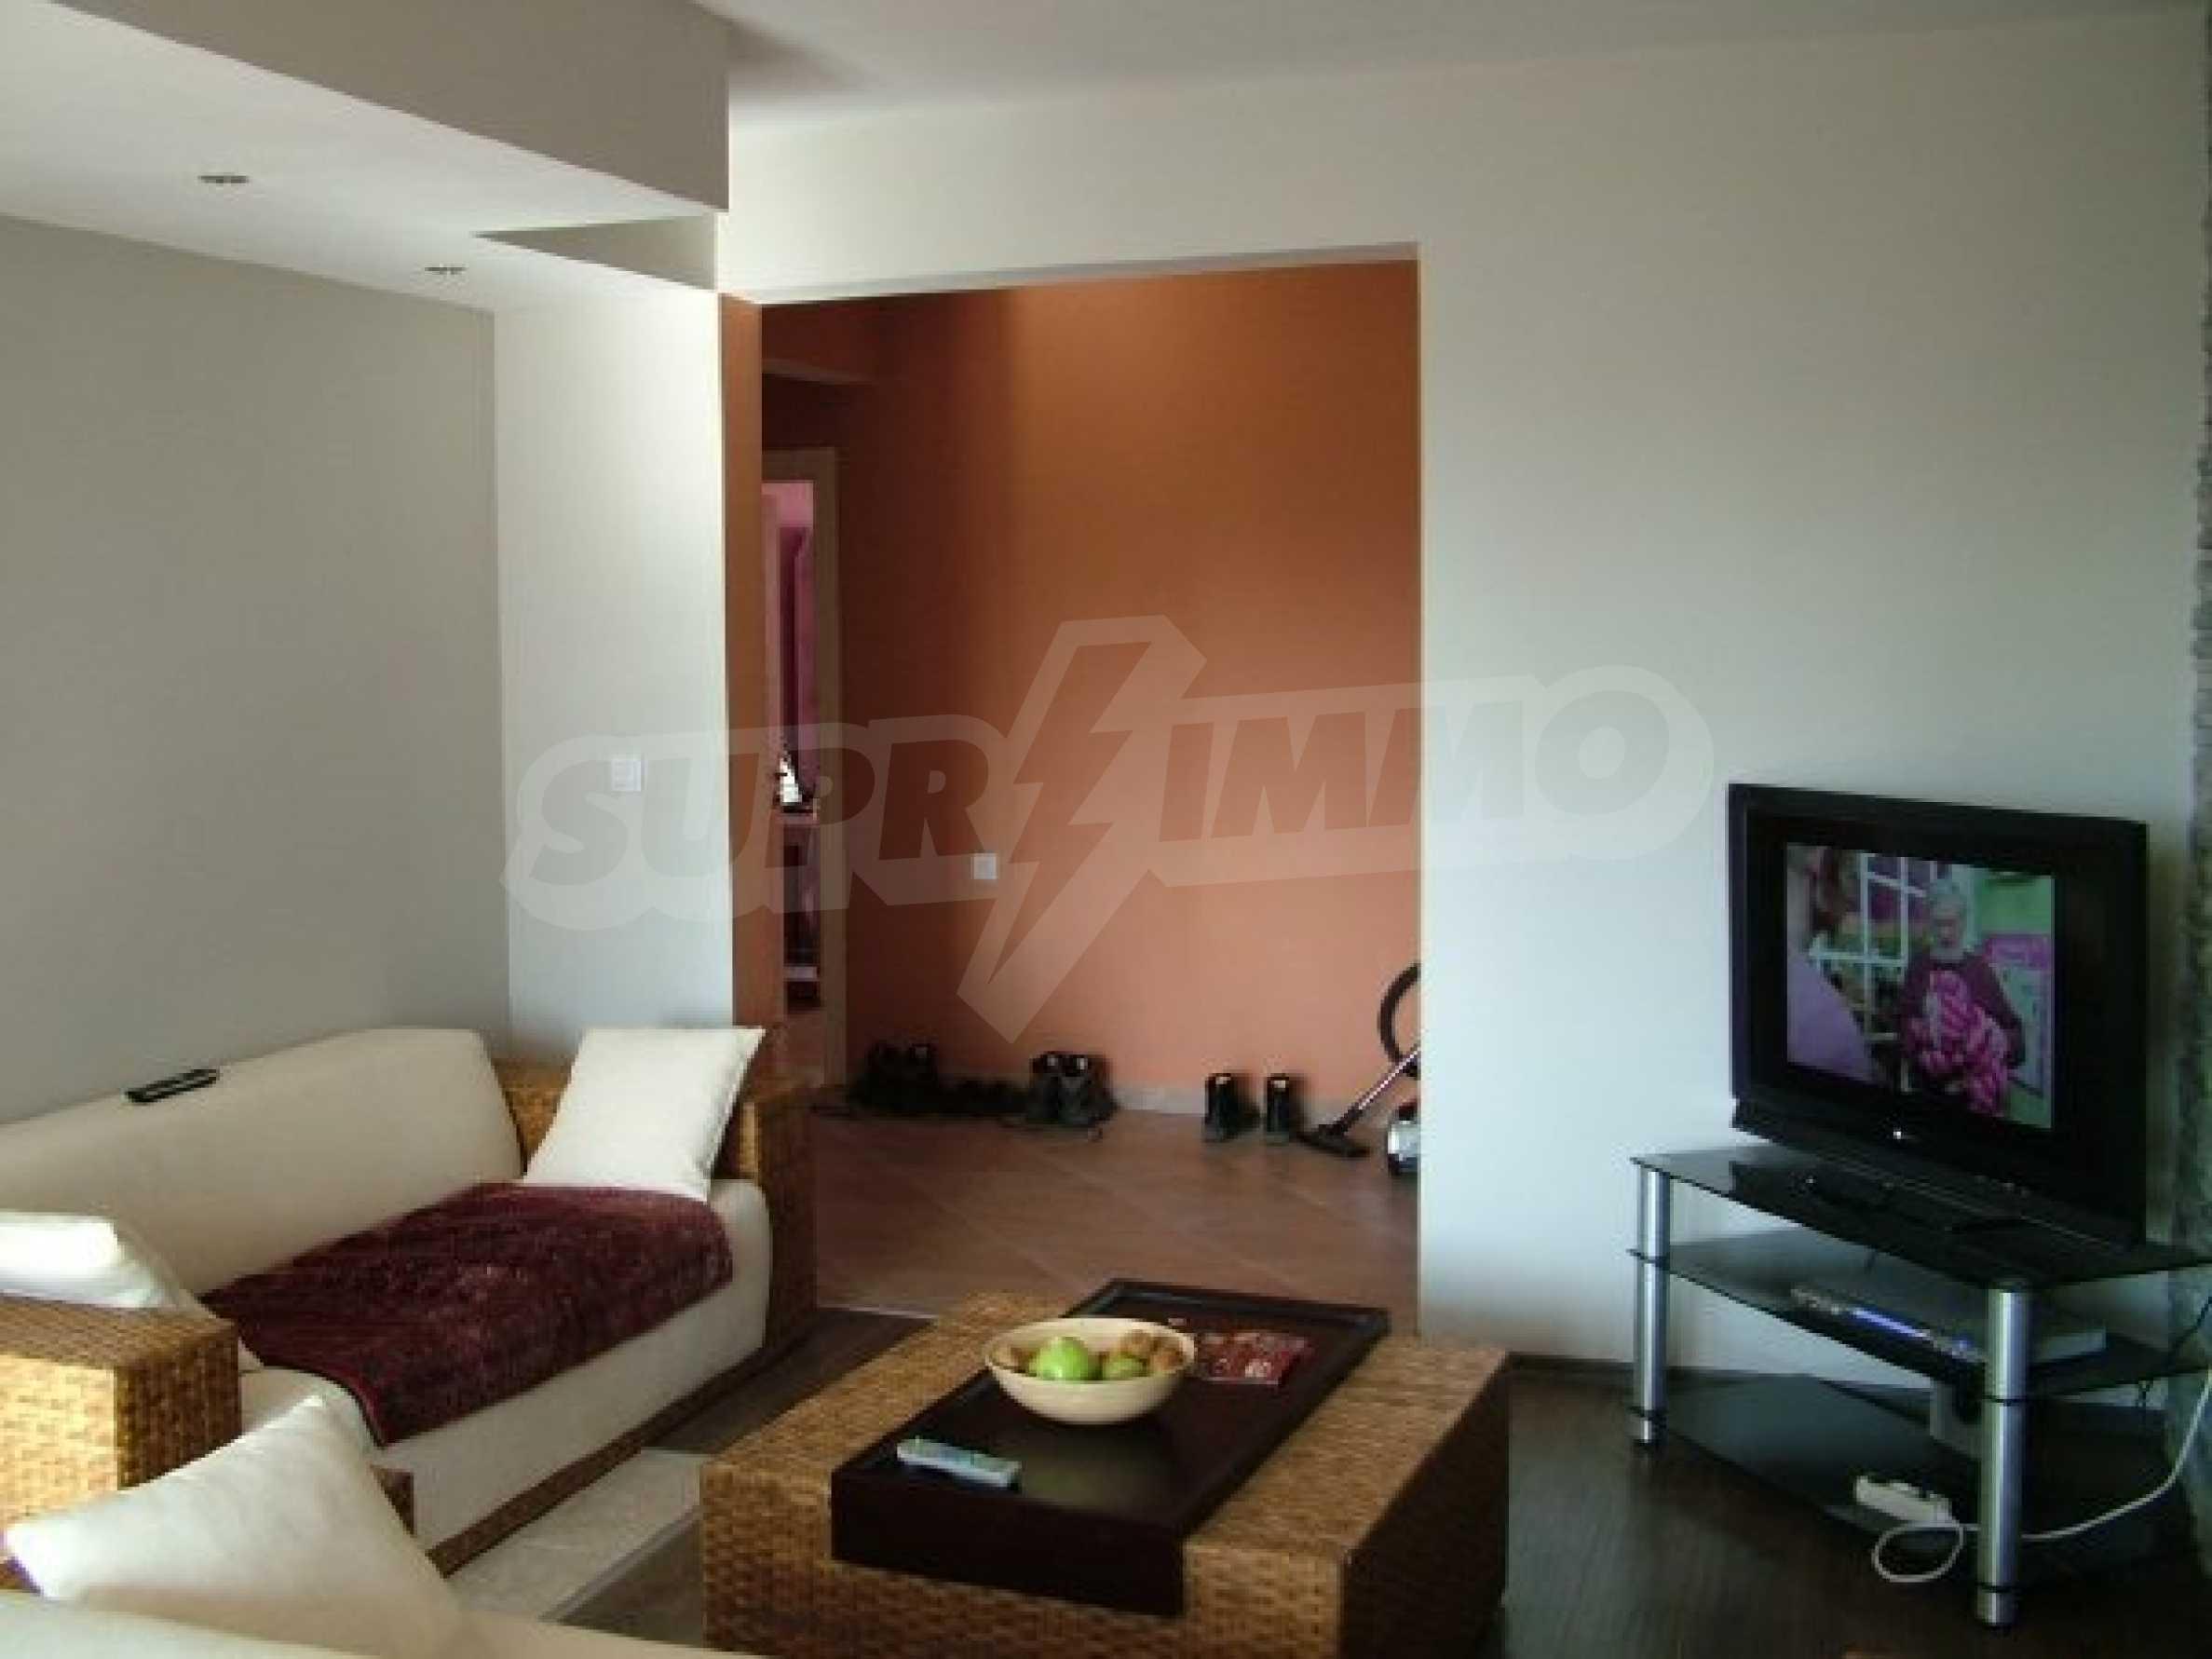 Drei-Zimmer-Wohnung in Haskovo 13